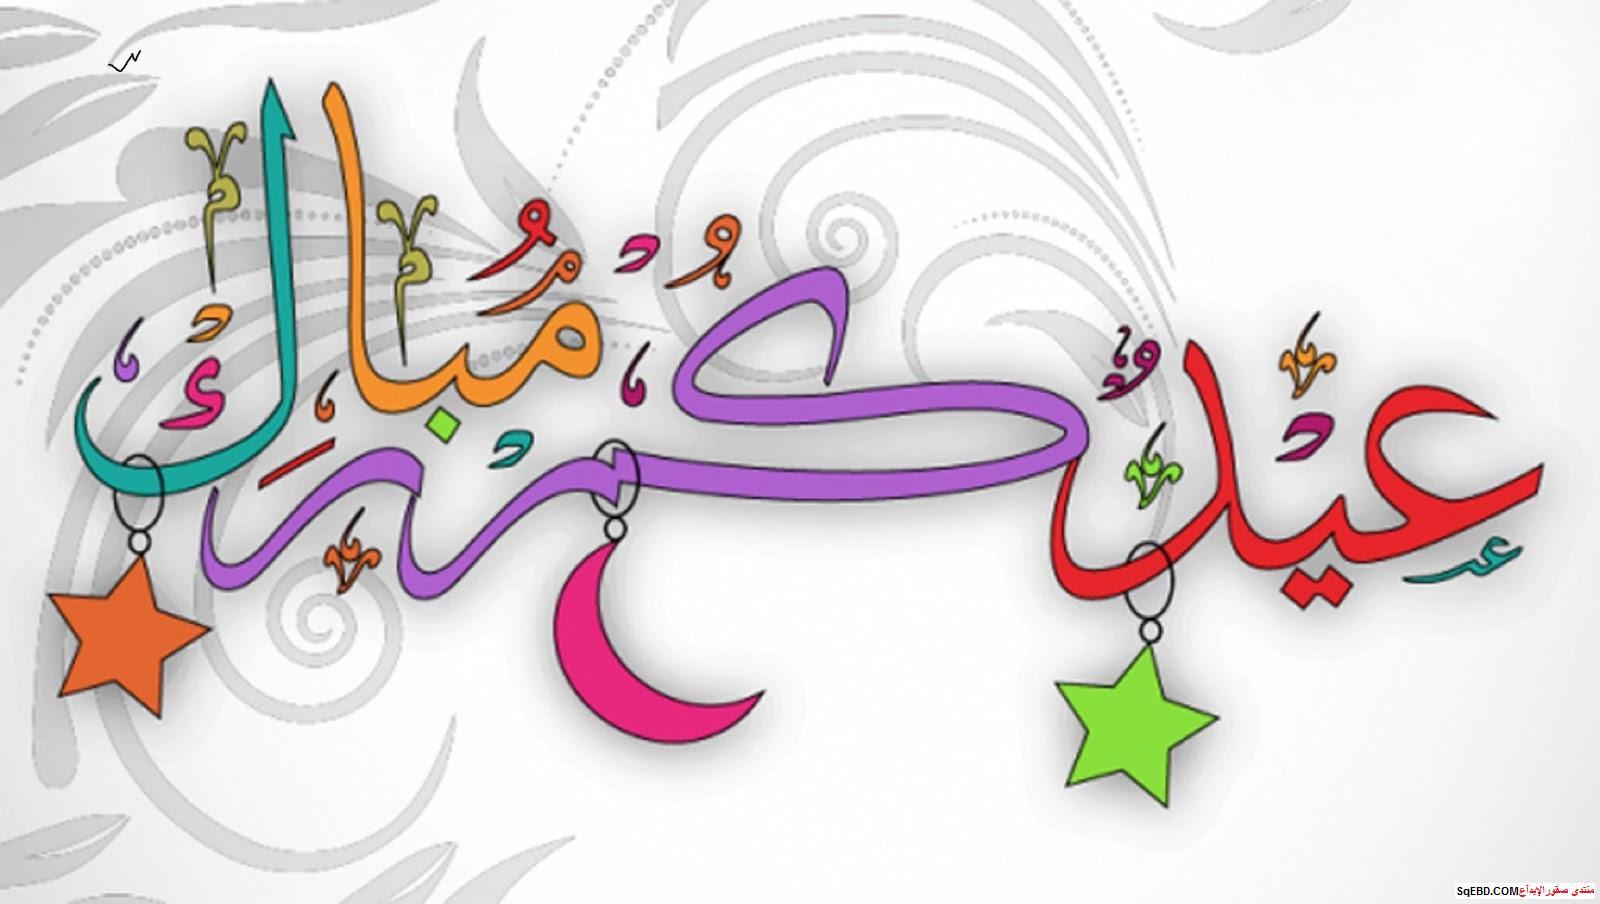 عيدكم مبارك بمناسبة عيد الاضحى1439-2018 Do